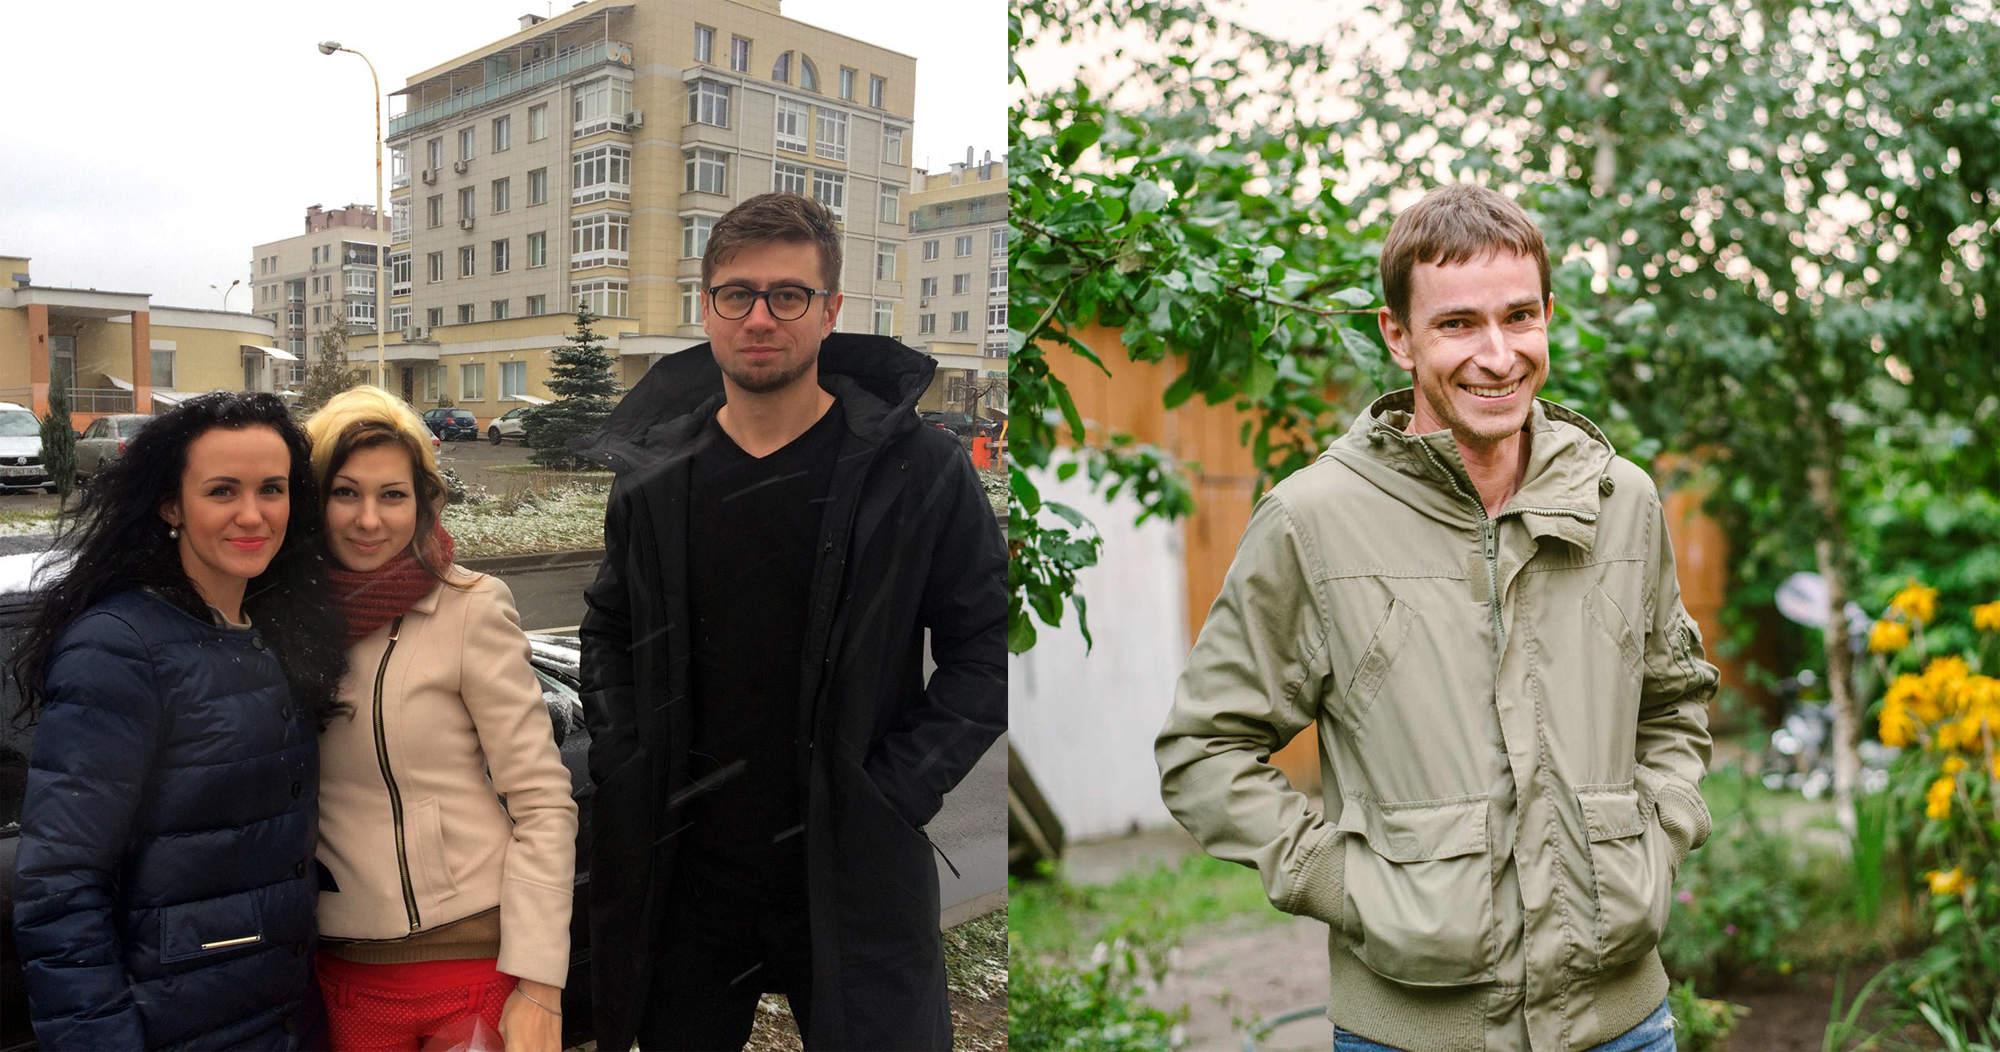 Белорусы многое могут, если захотят: 15000 человек собрали 165000$ для социальных проектов! Итоги «Имен» в2017-м